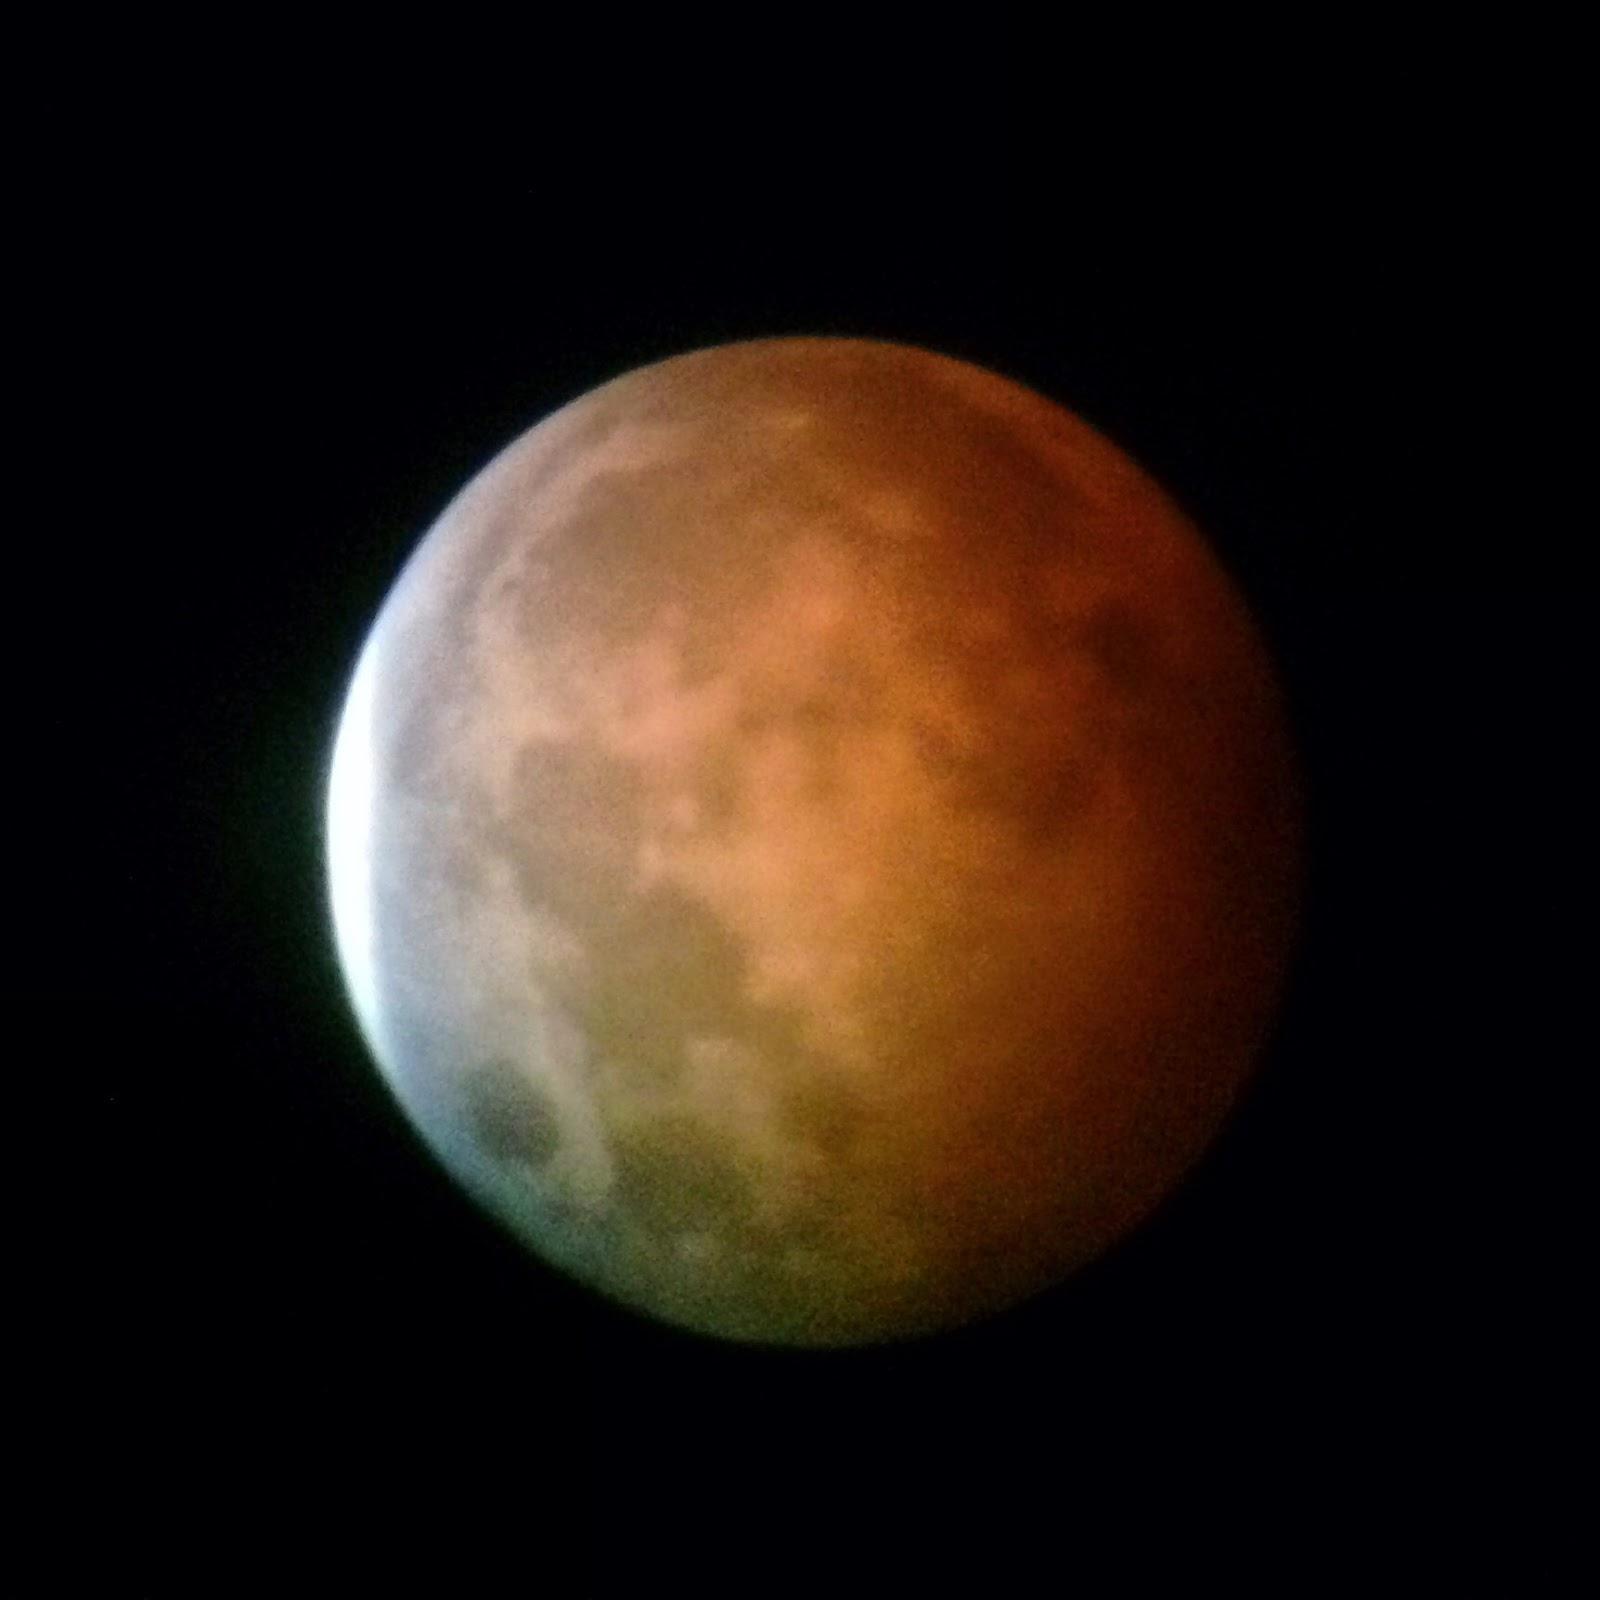 lunar eclipse iphone